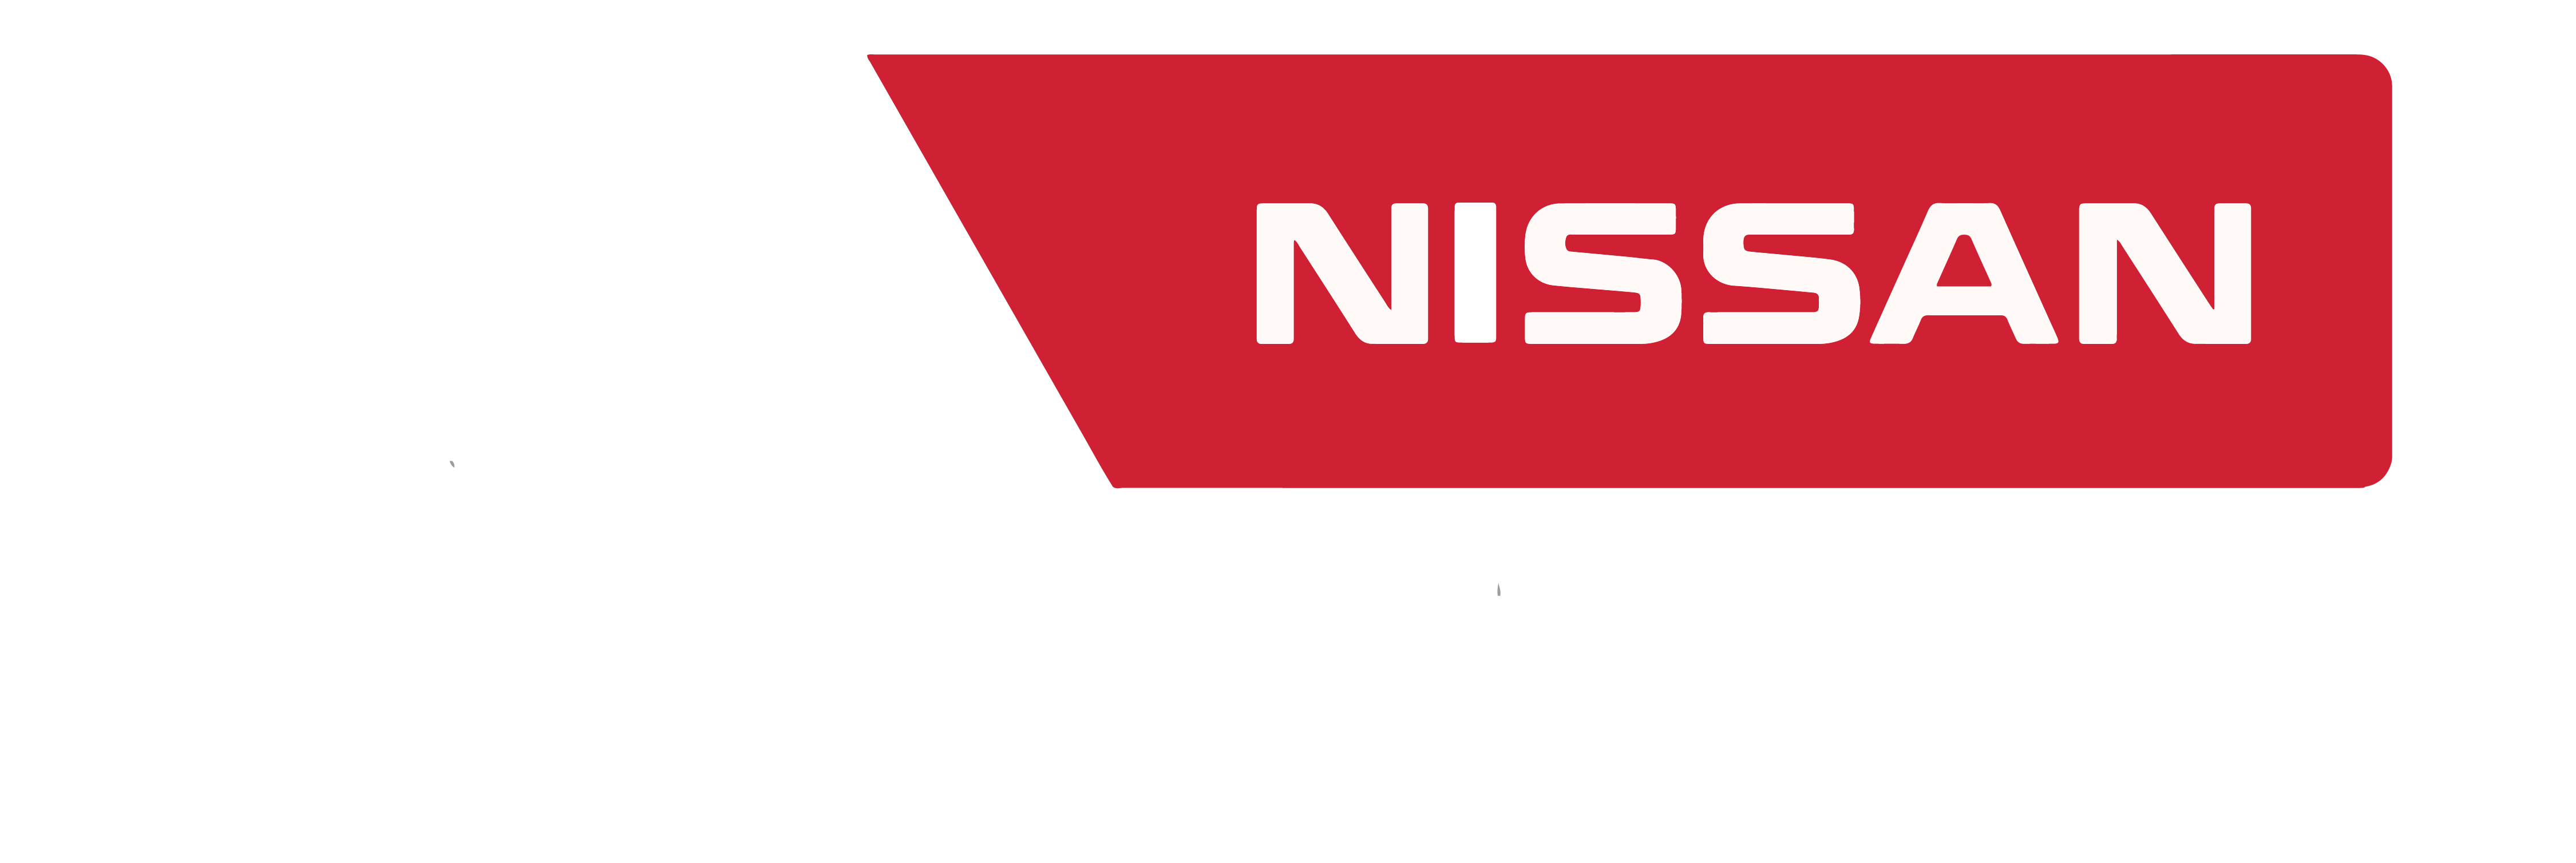 Trailseeker Logo